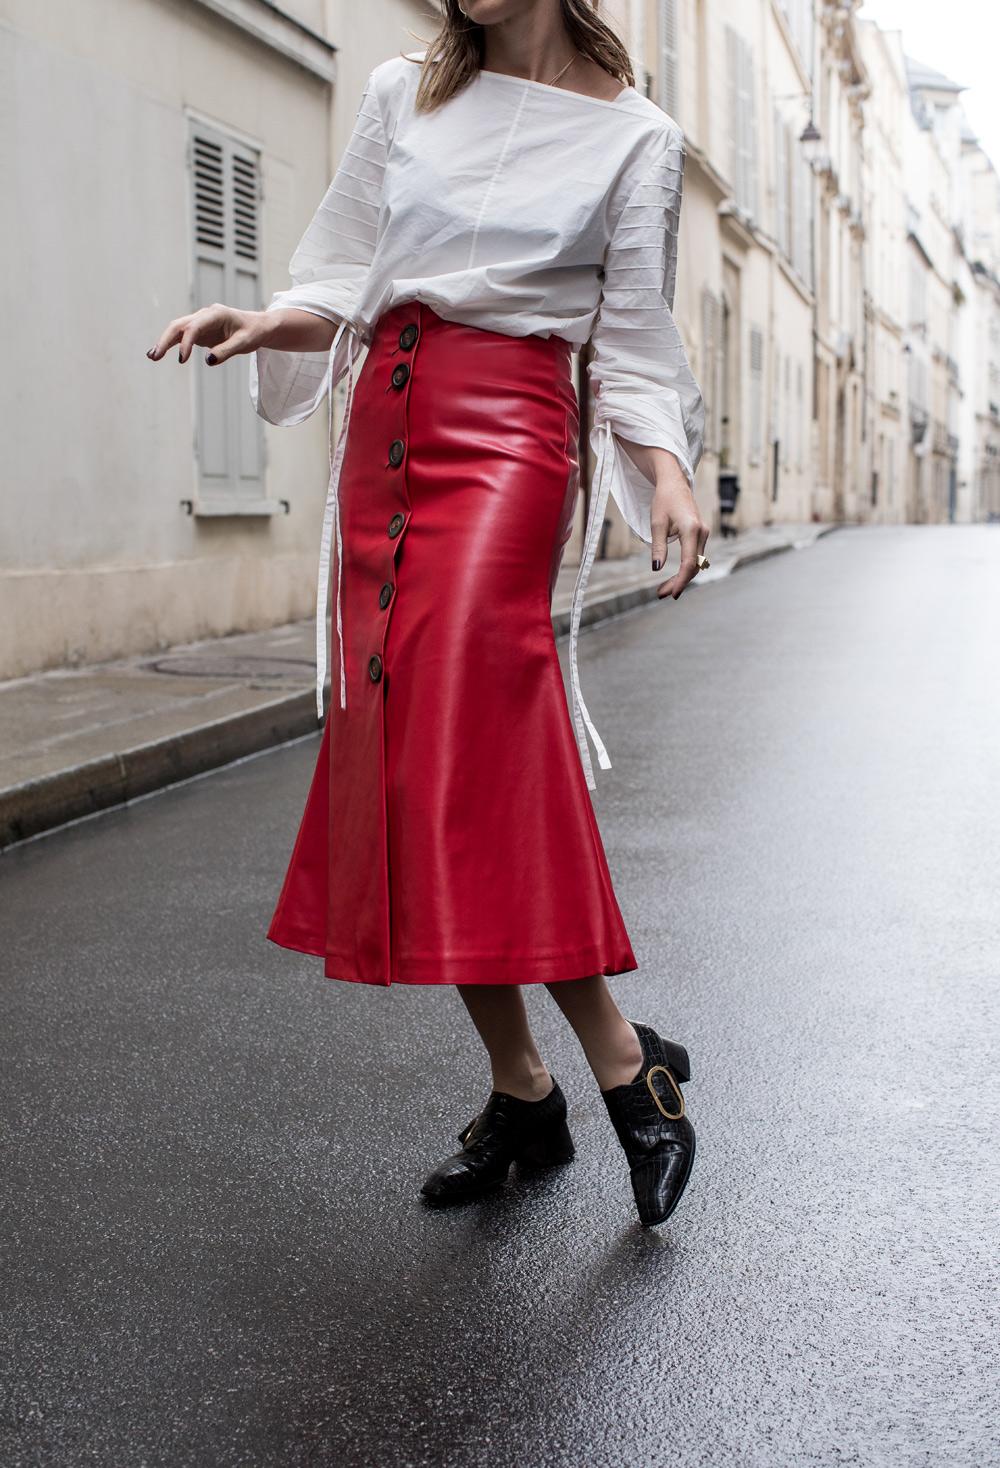 ellery, ellery denim, ellery jeans, ellery denim jeans, awake skirt, red skirt, leather skirt, awake, tibi, tibi top, amanda shadforth, oracle fox